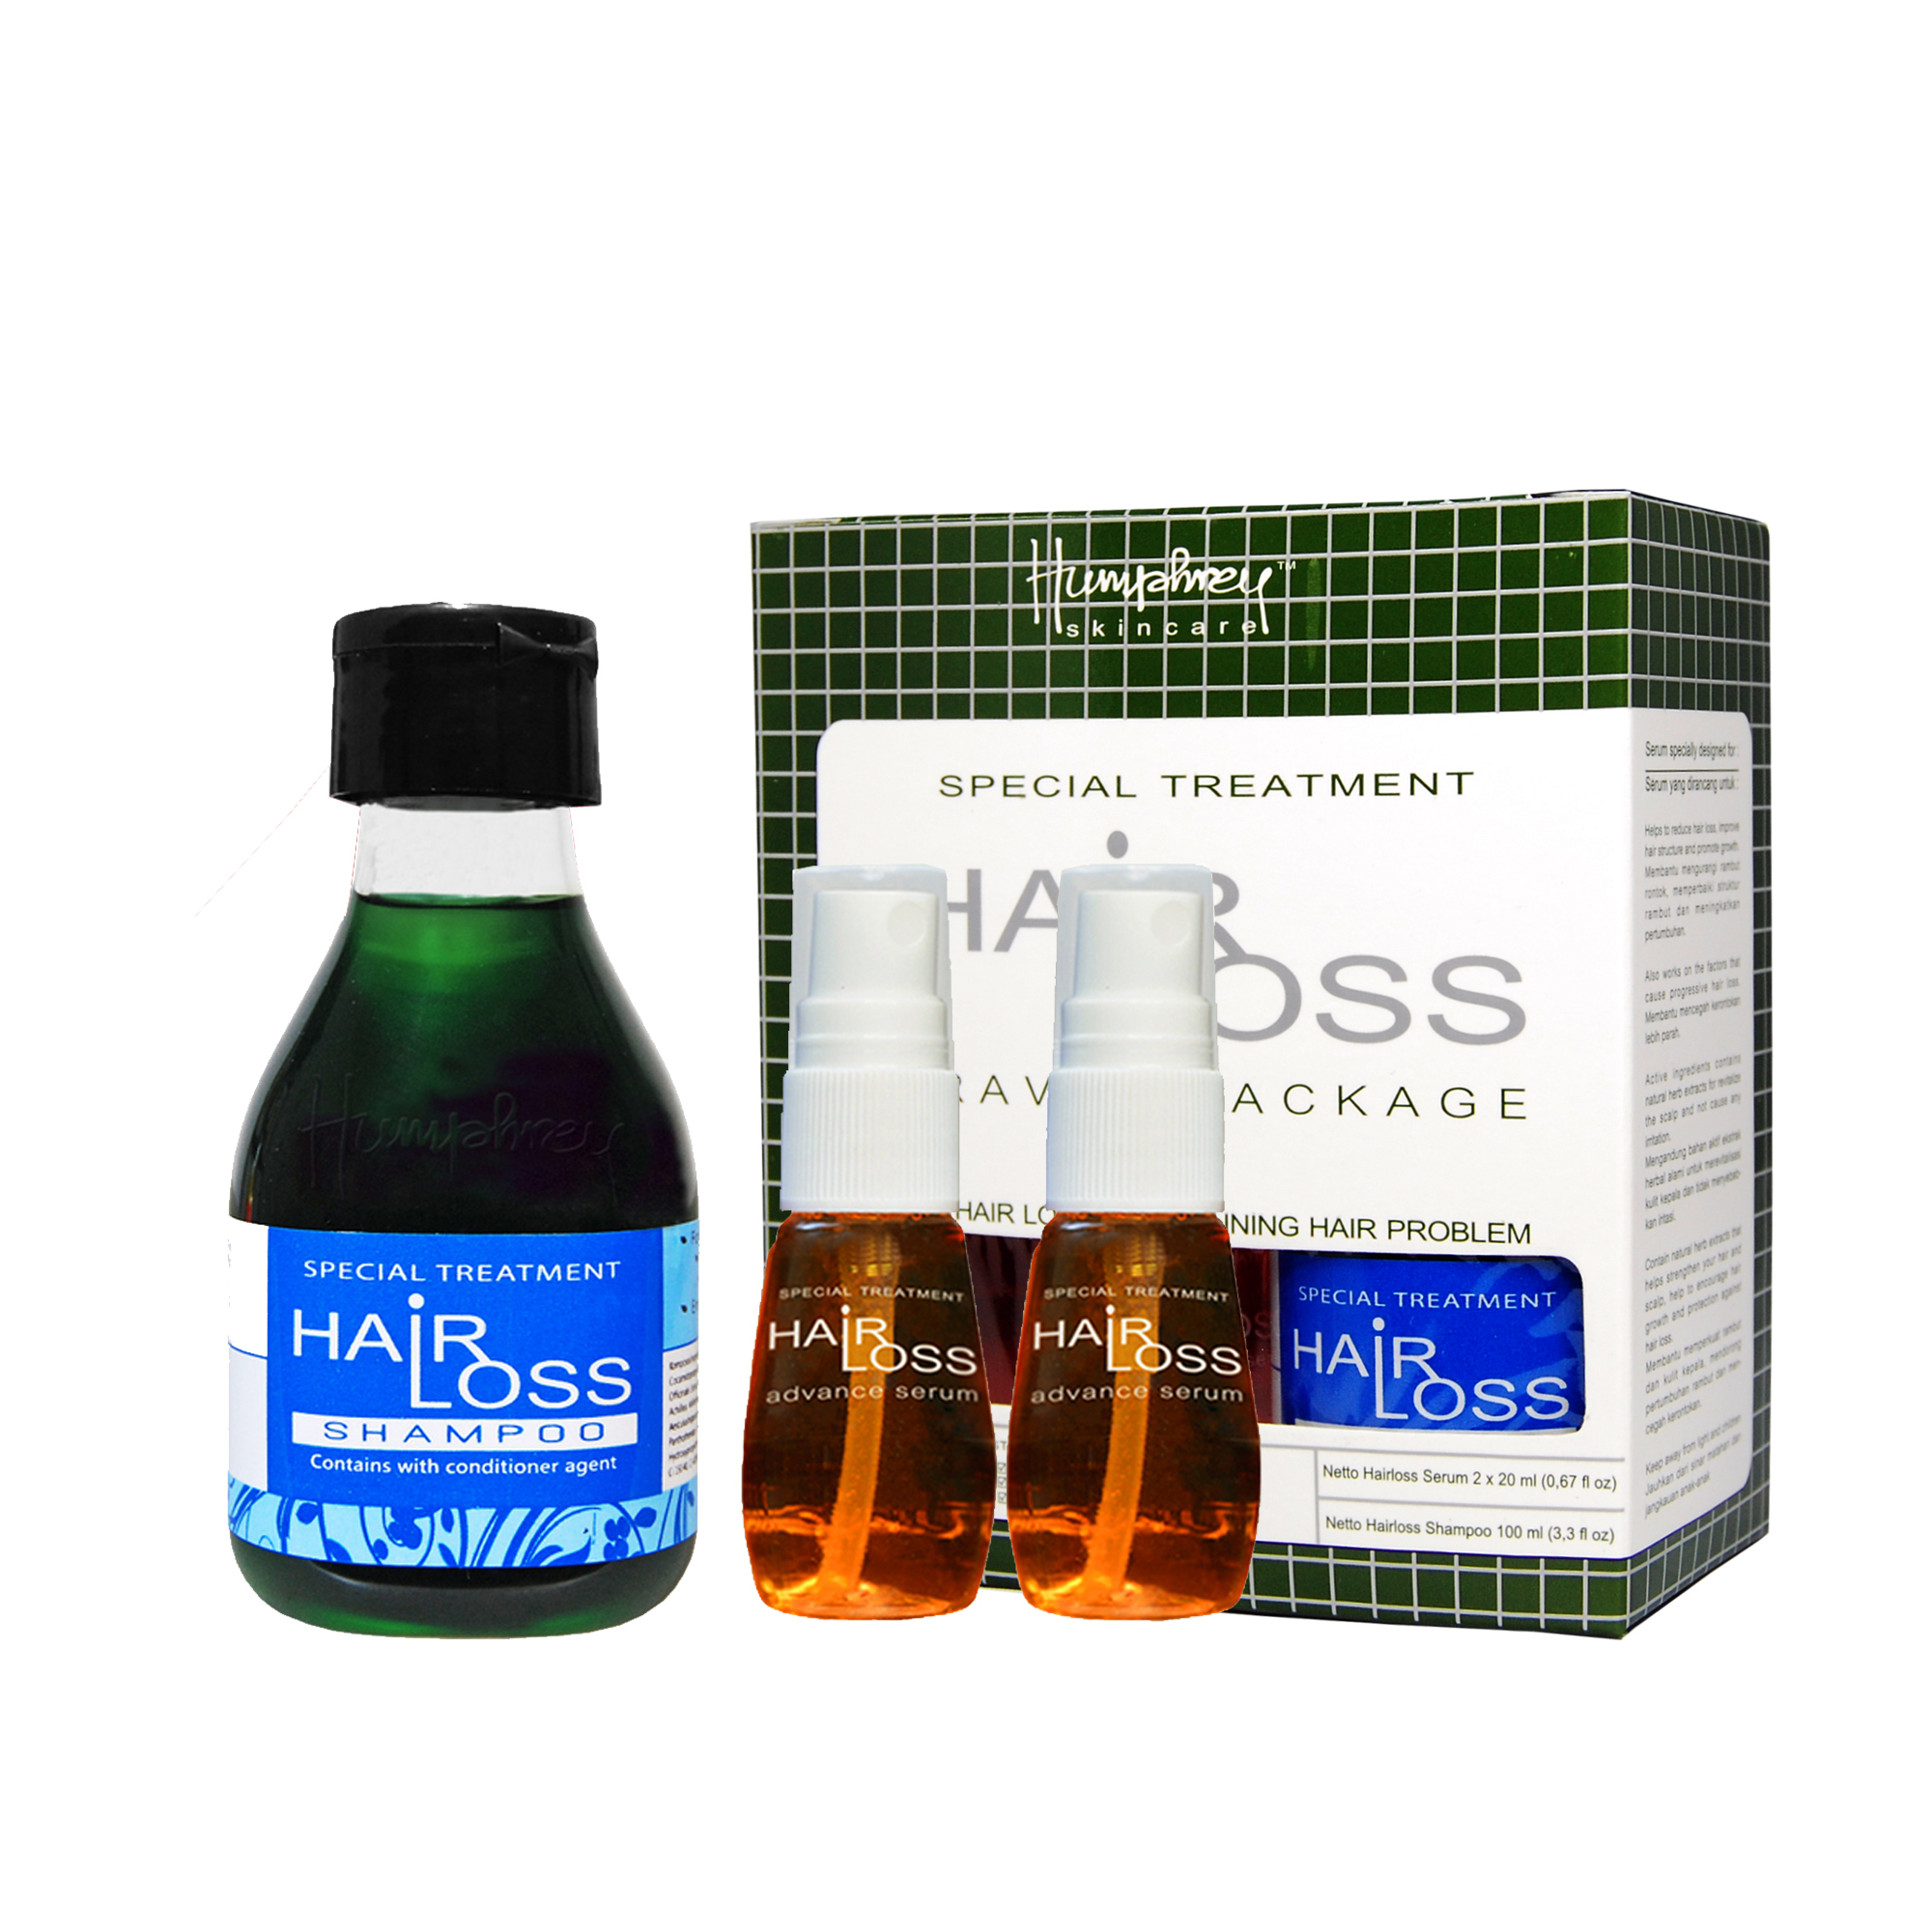 Humphrey Skincare Hairloss Travel Package (Shampoo + Serum)